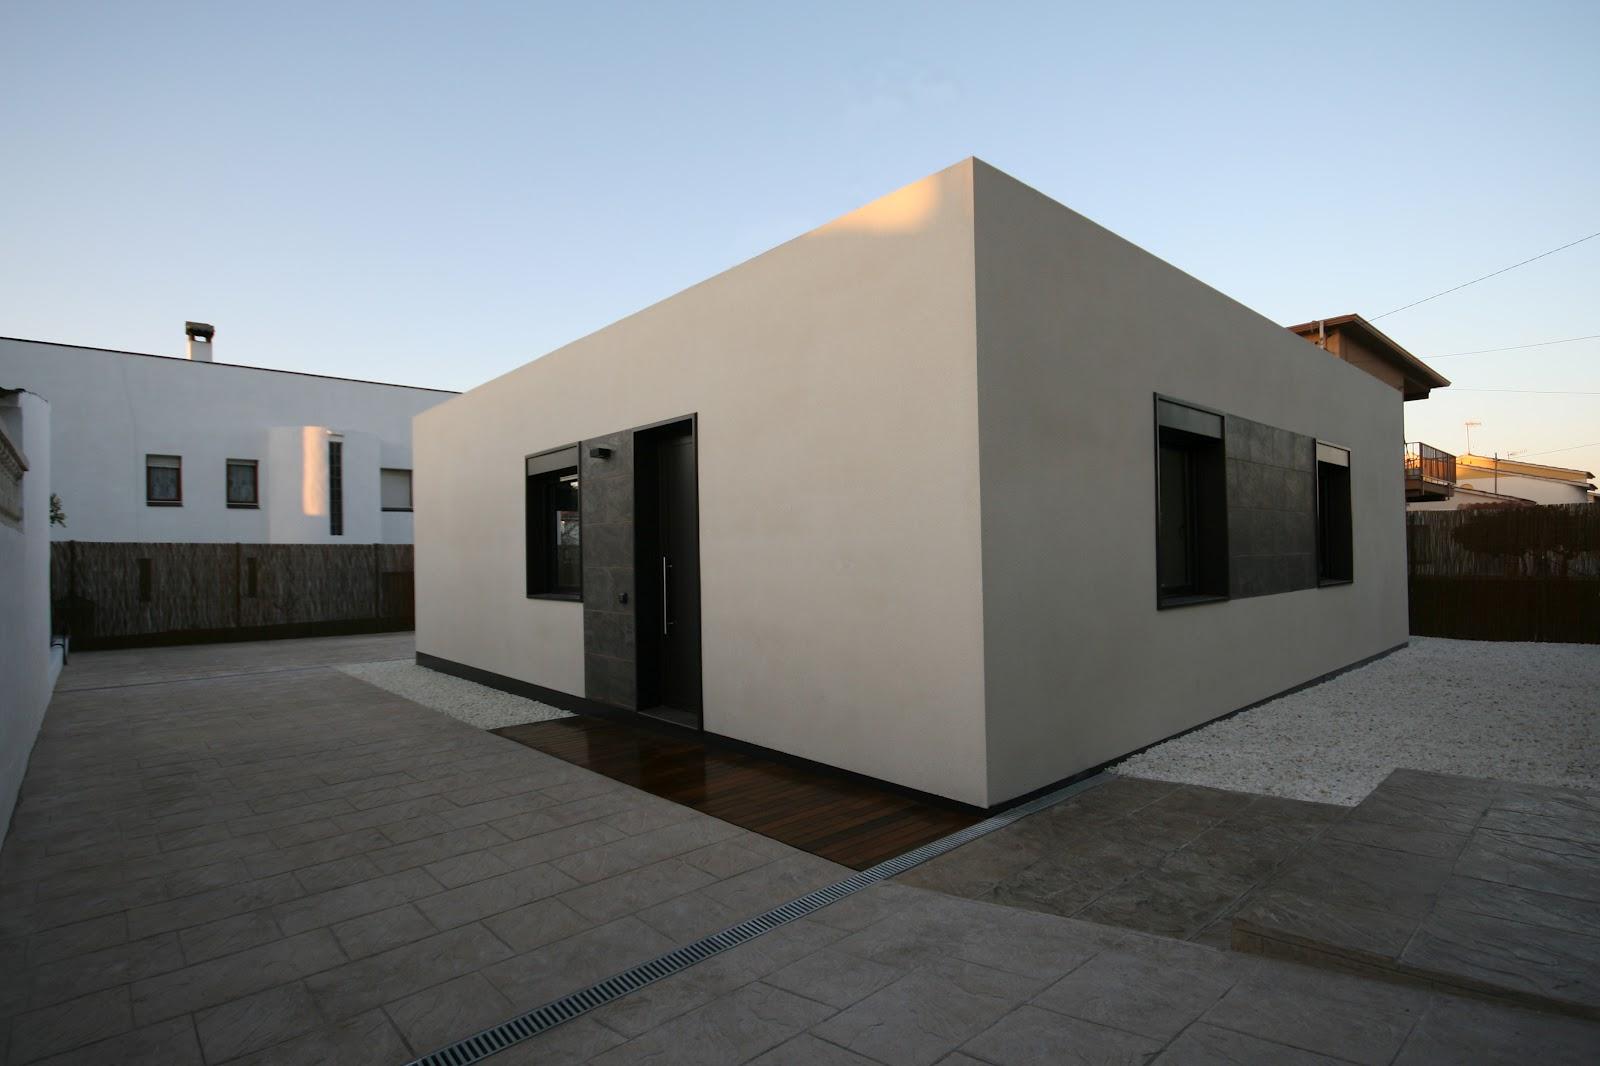 Casas modulares blochouse casas modulares blochouse modelo 1 - Casas ecologicas en espana ...